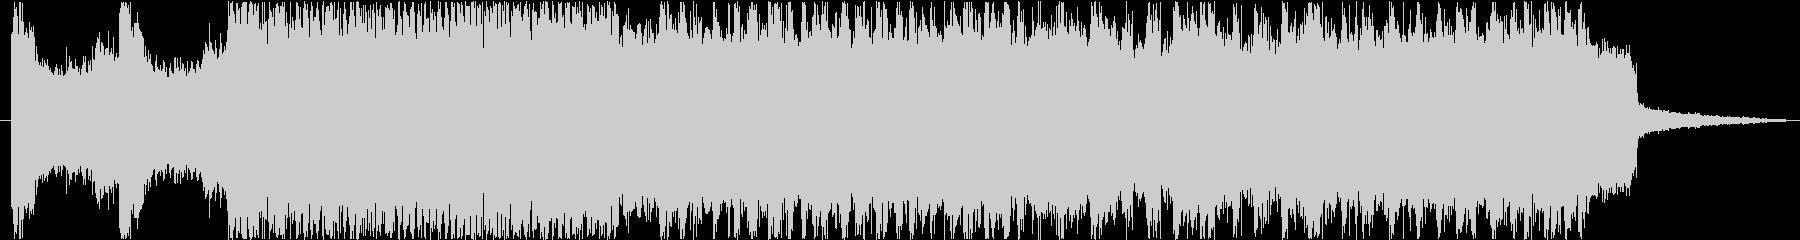 戦闘機の飛行シーン等に最適な約30秒の曲の未再生の波形